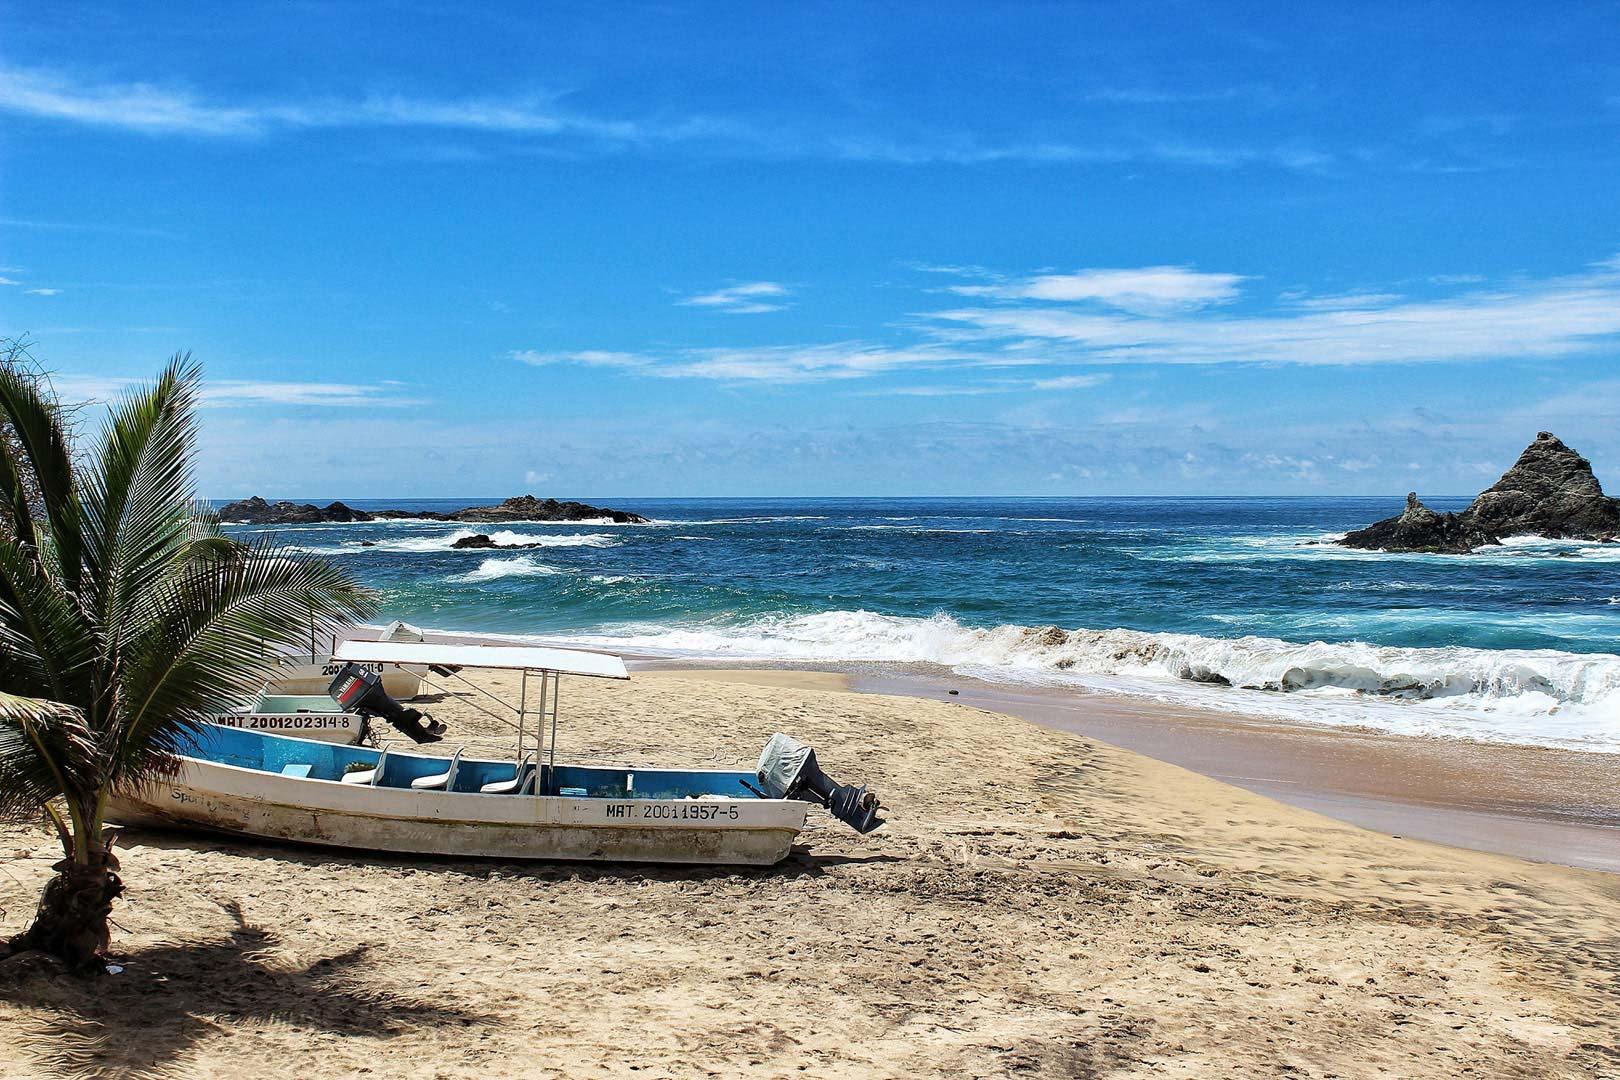 Vista de la playa de Mazunte, Oaxaca